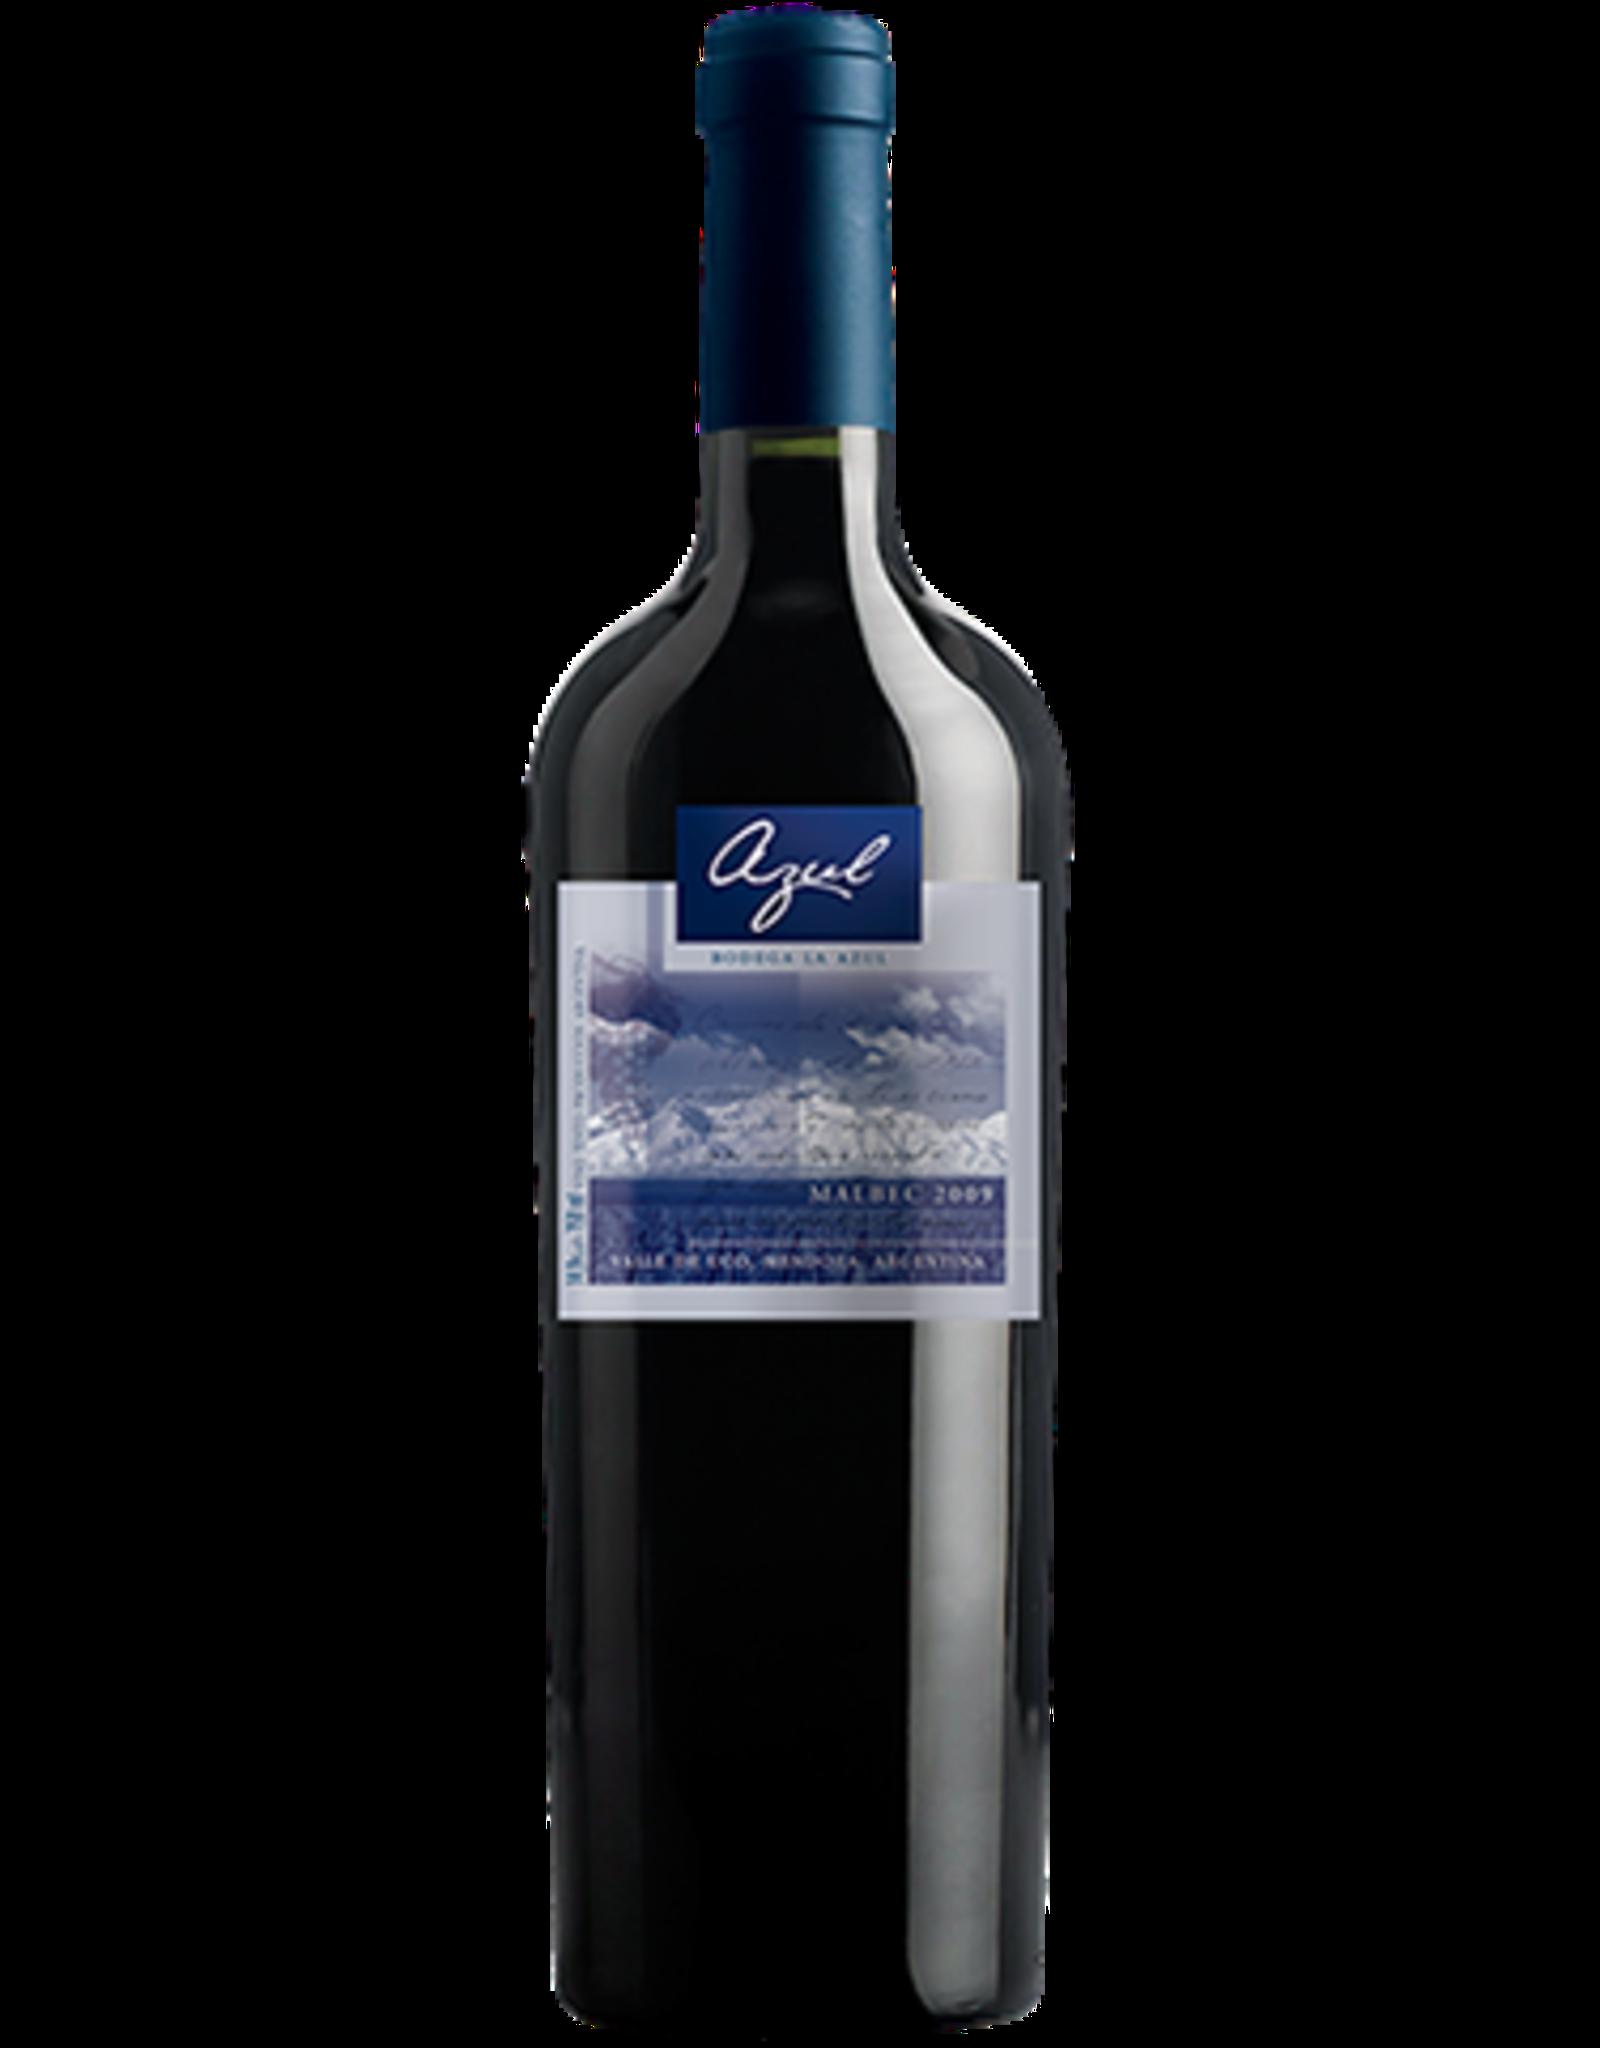 Bodega de la Azul Malbec 1/2 bottle